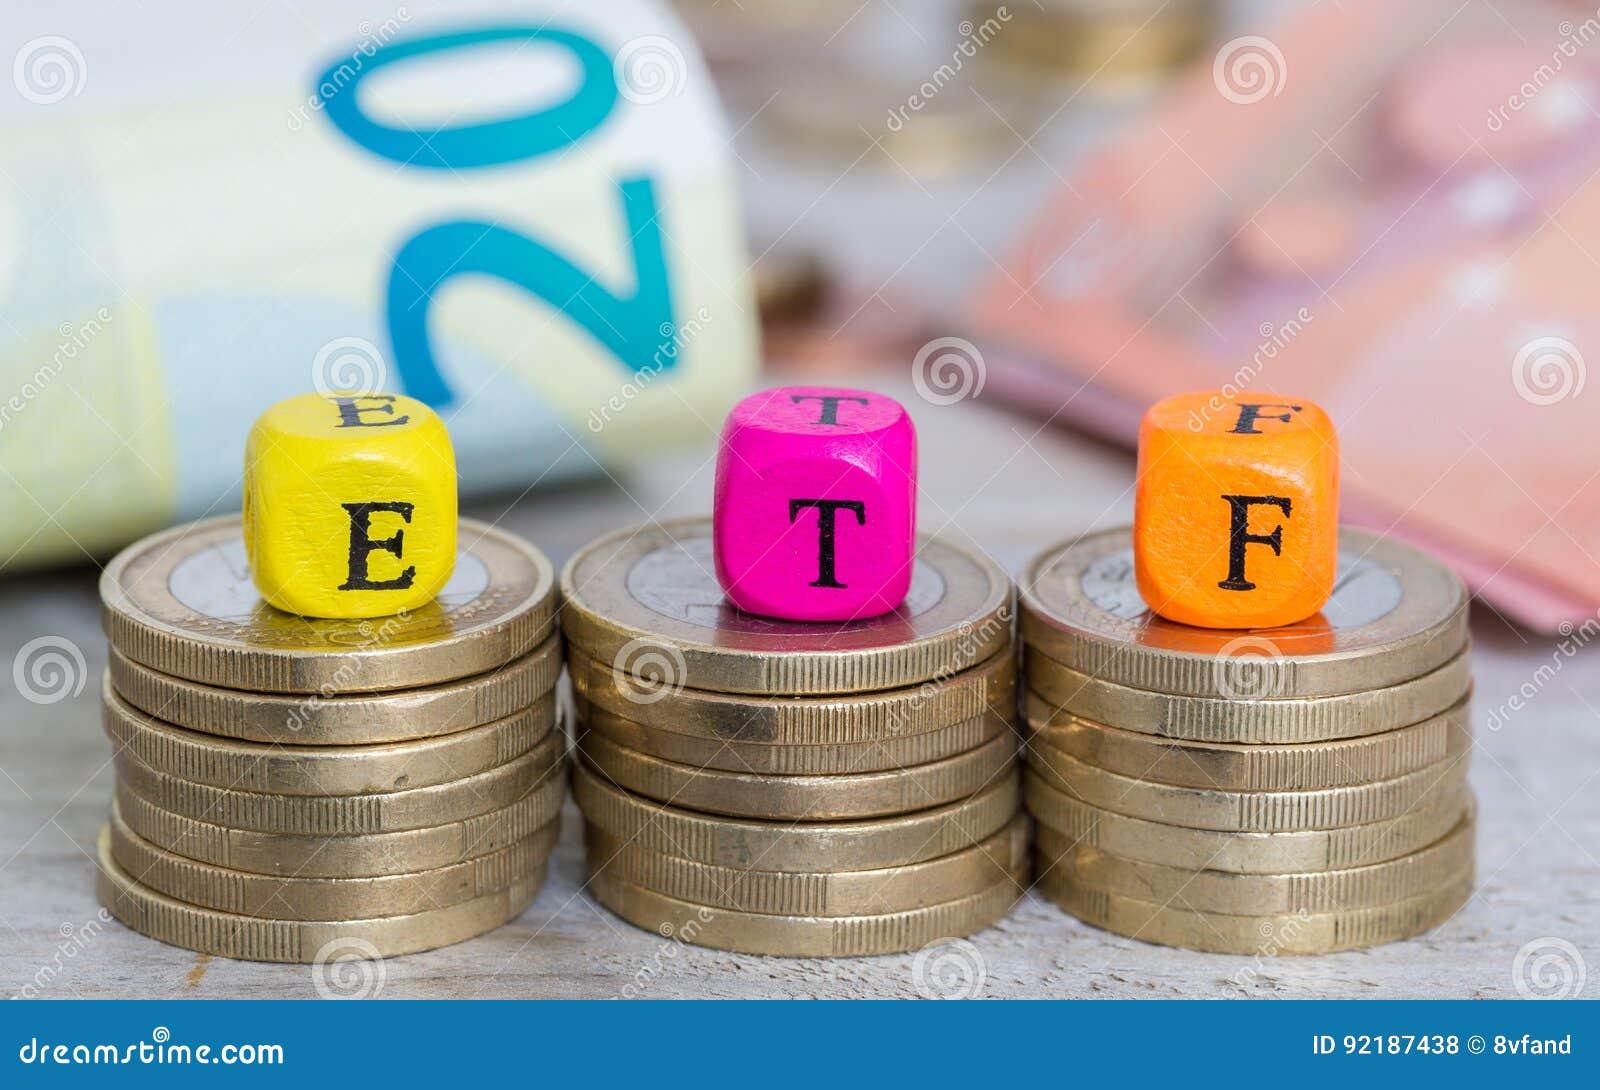 ETF bokstavskuber på myntbegrepp